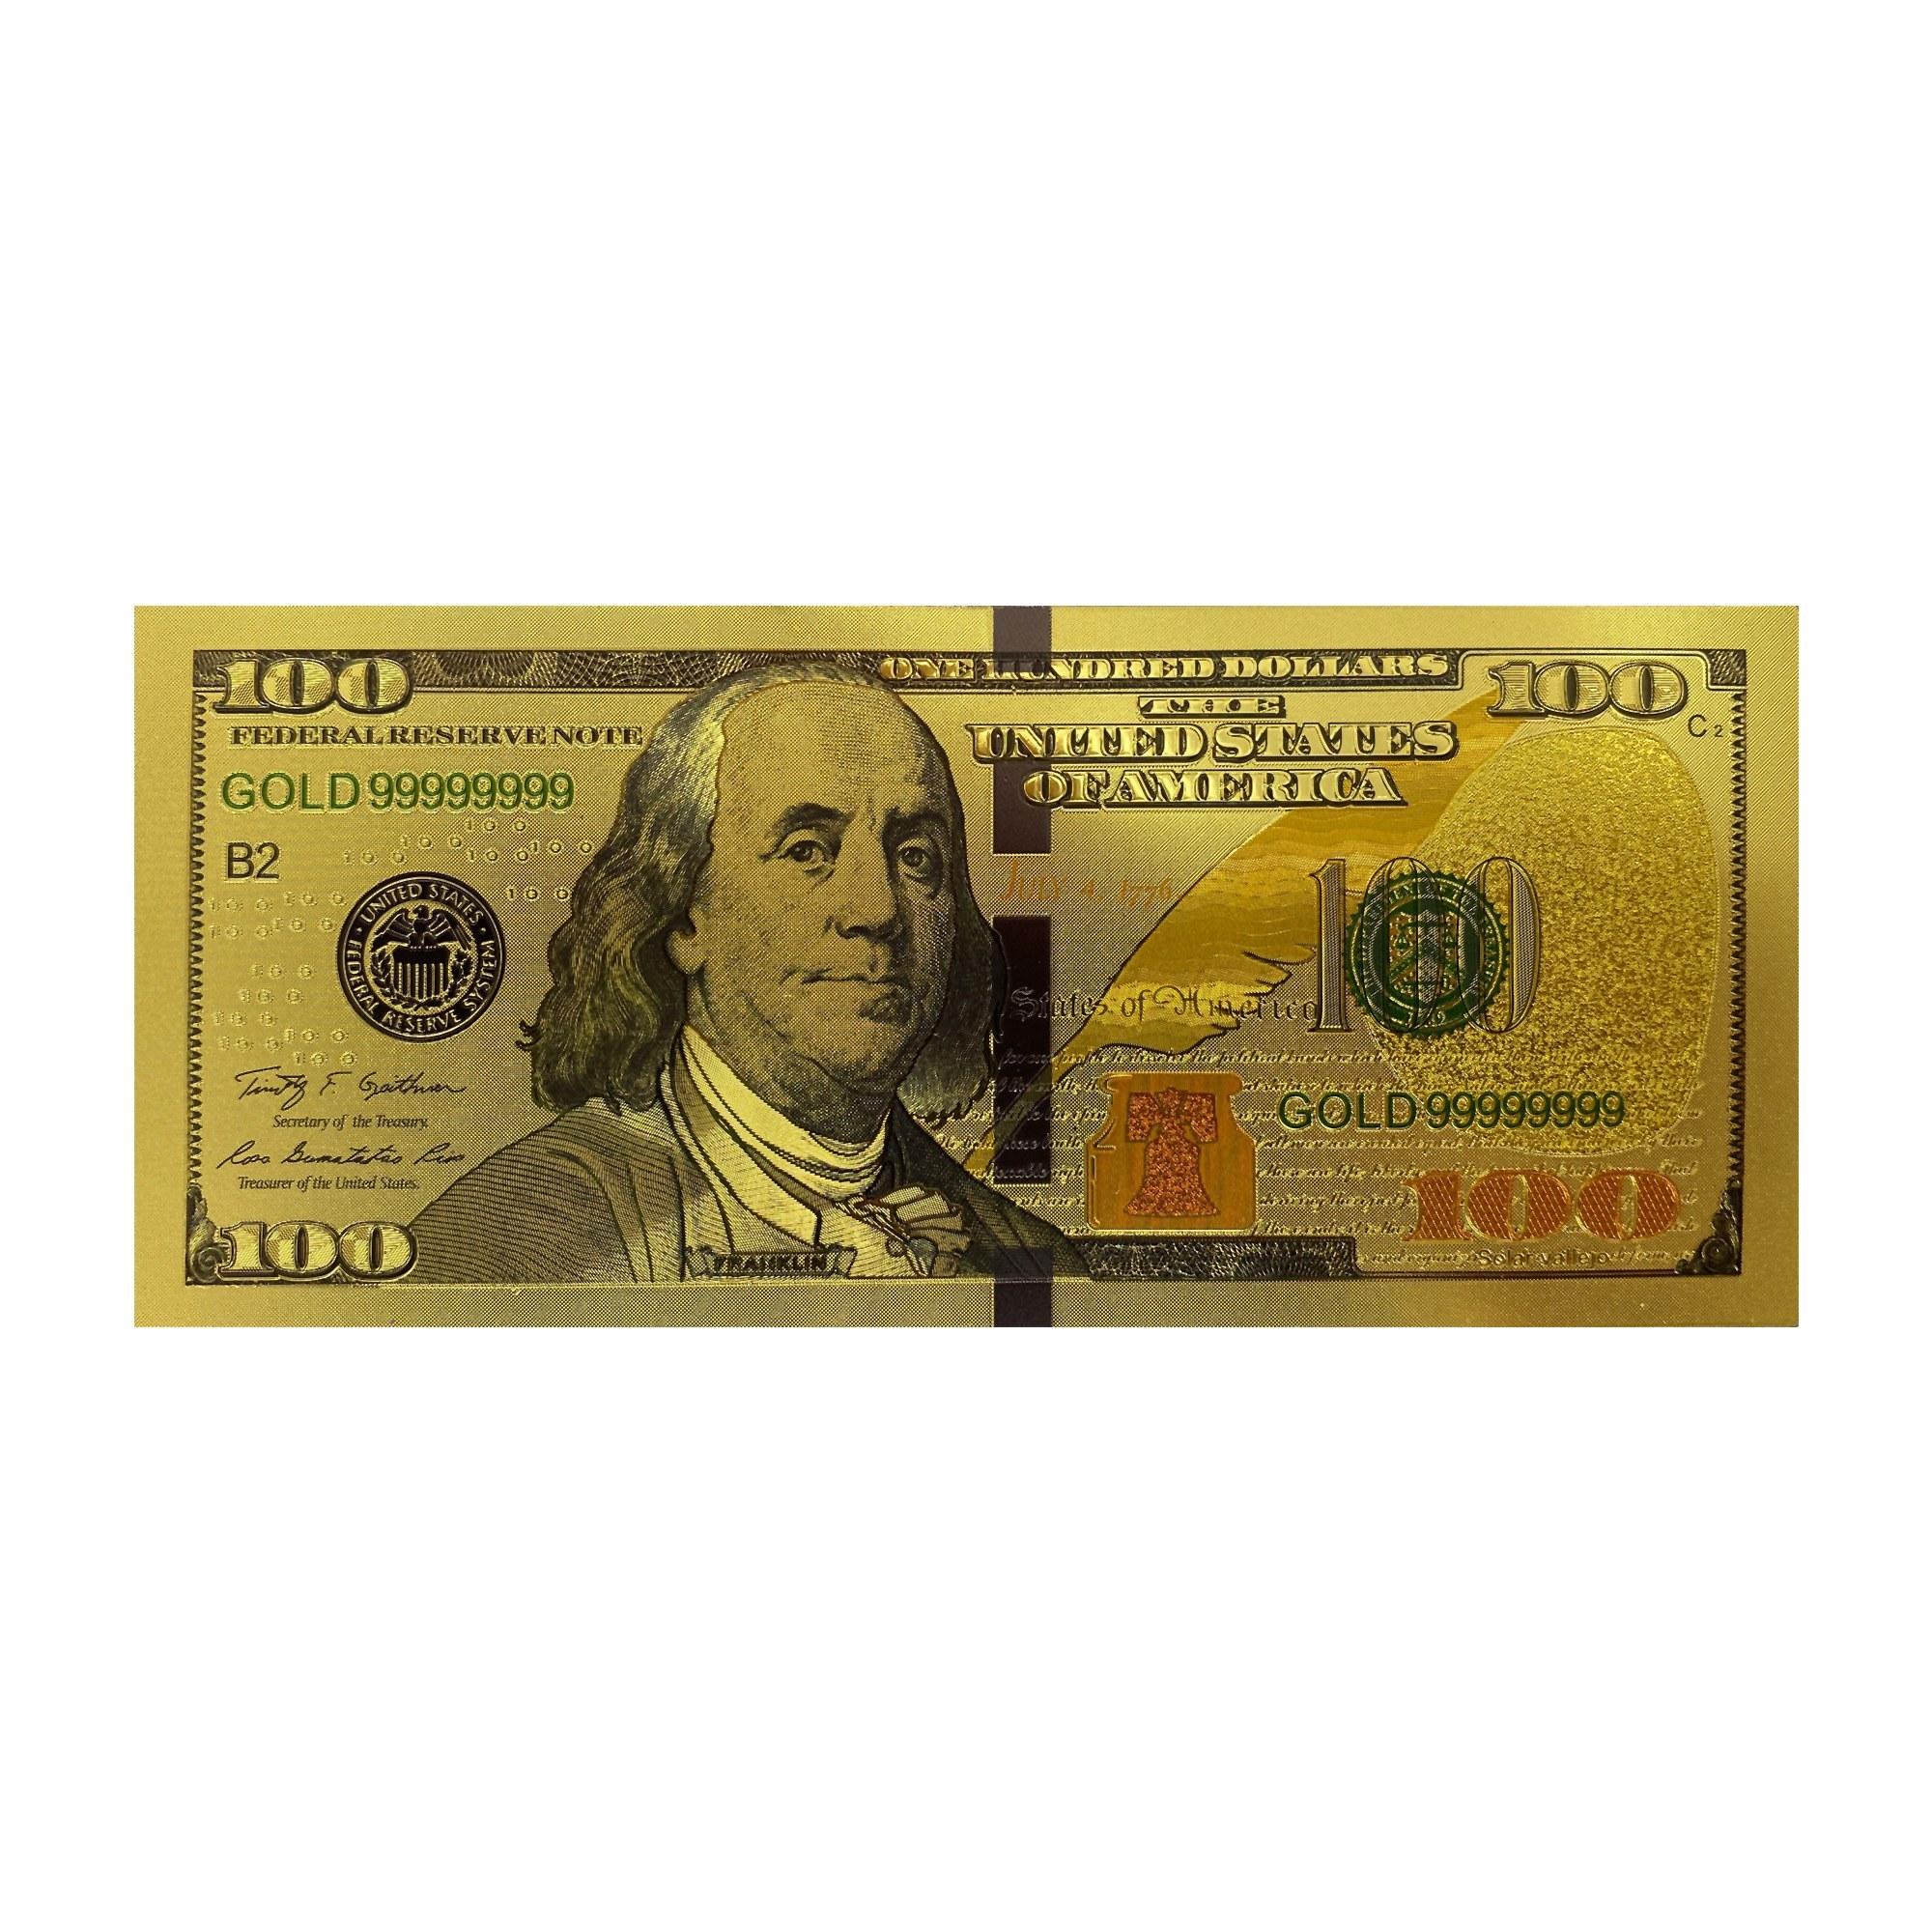 تصویر اسکناس 100 دلار  جدید آمریکا  روکش آب طلا